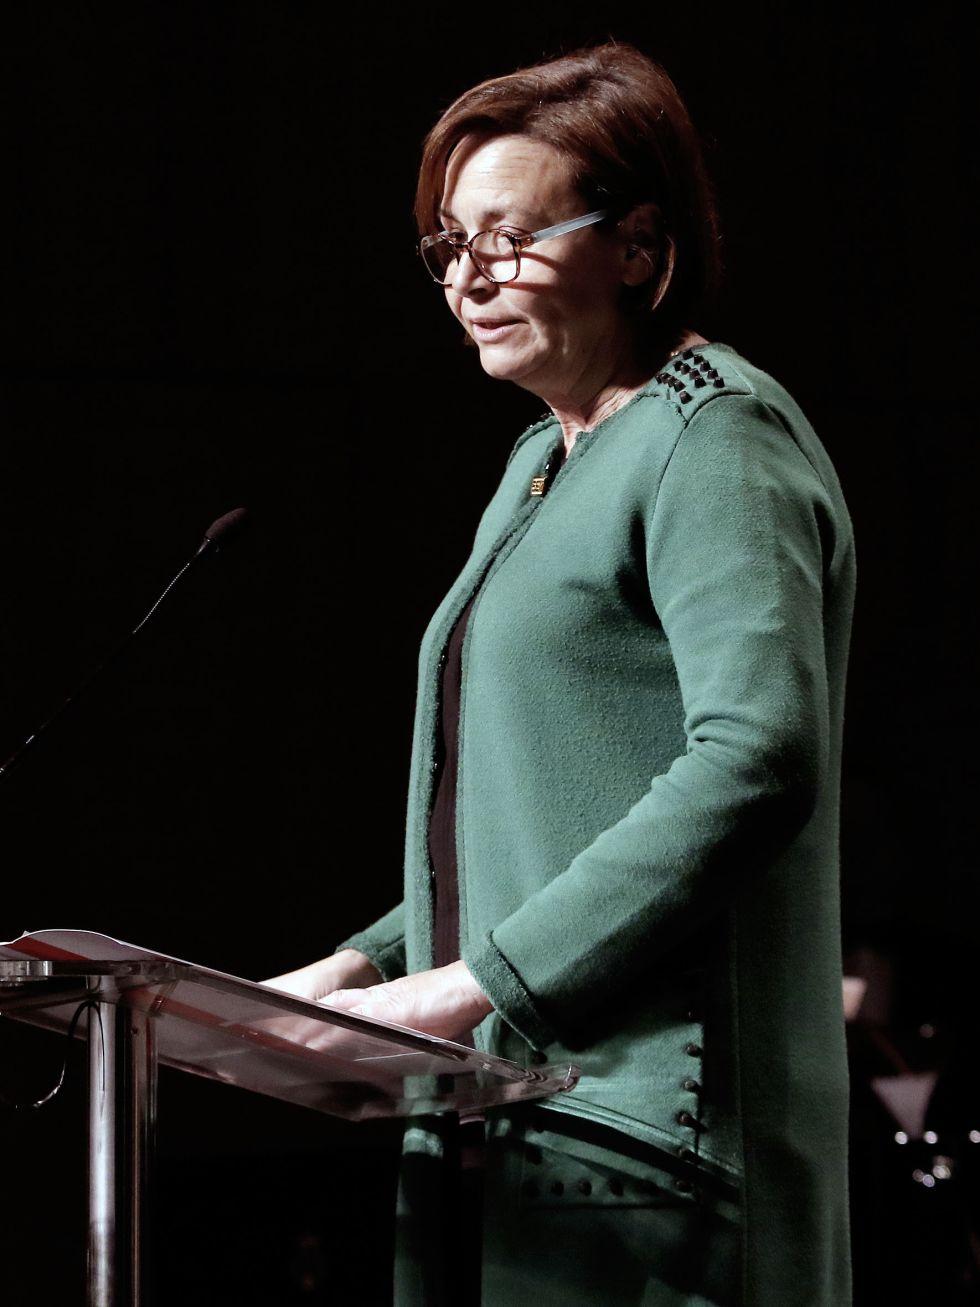 La alcaldesa de Gijón, Carmen Moriyón, durante su discurso